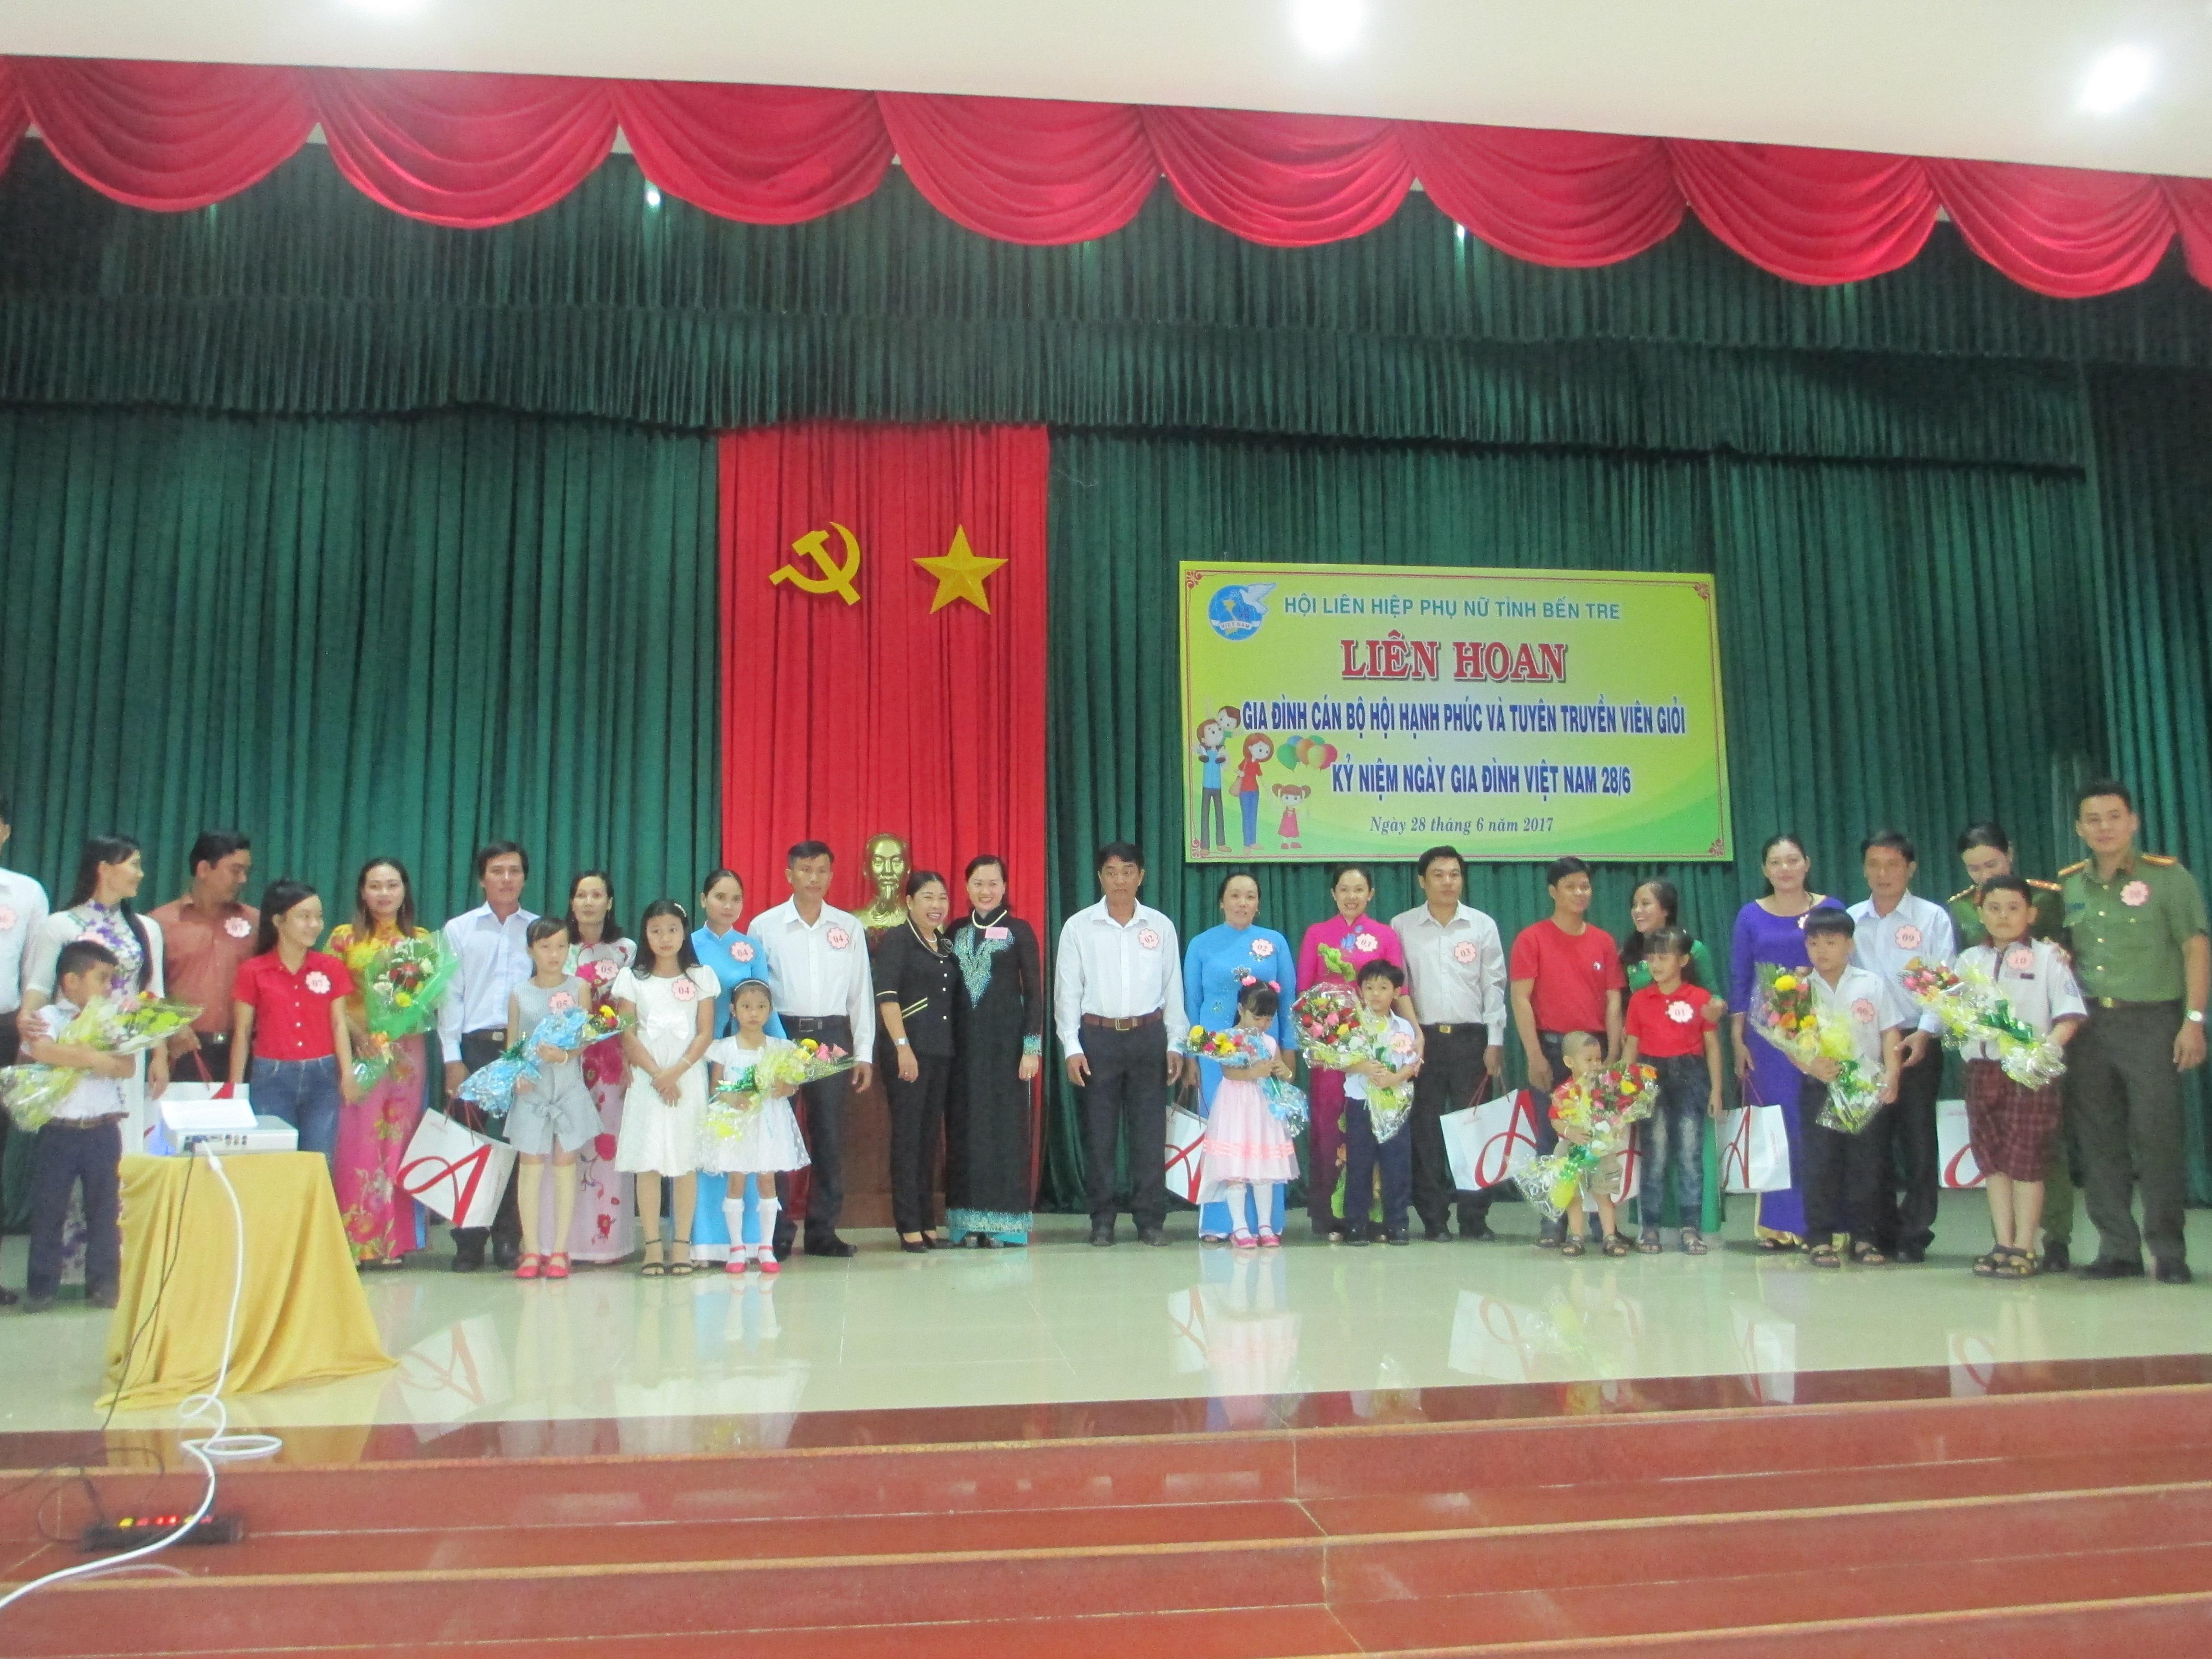 Liên hoan gia đình cán bộ Hội phụ nữ hạnh phúc và tuyên truyền viên giỏi kỷ niệm ngày gia đình Việt Nam 28/6